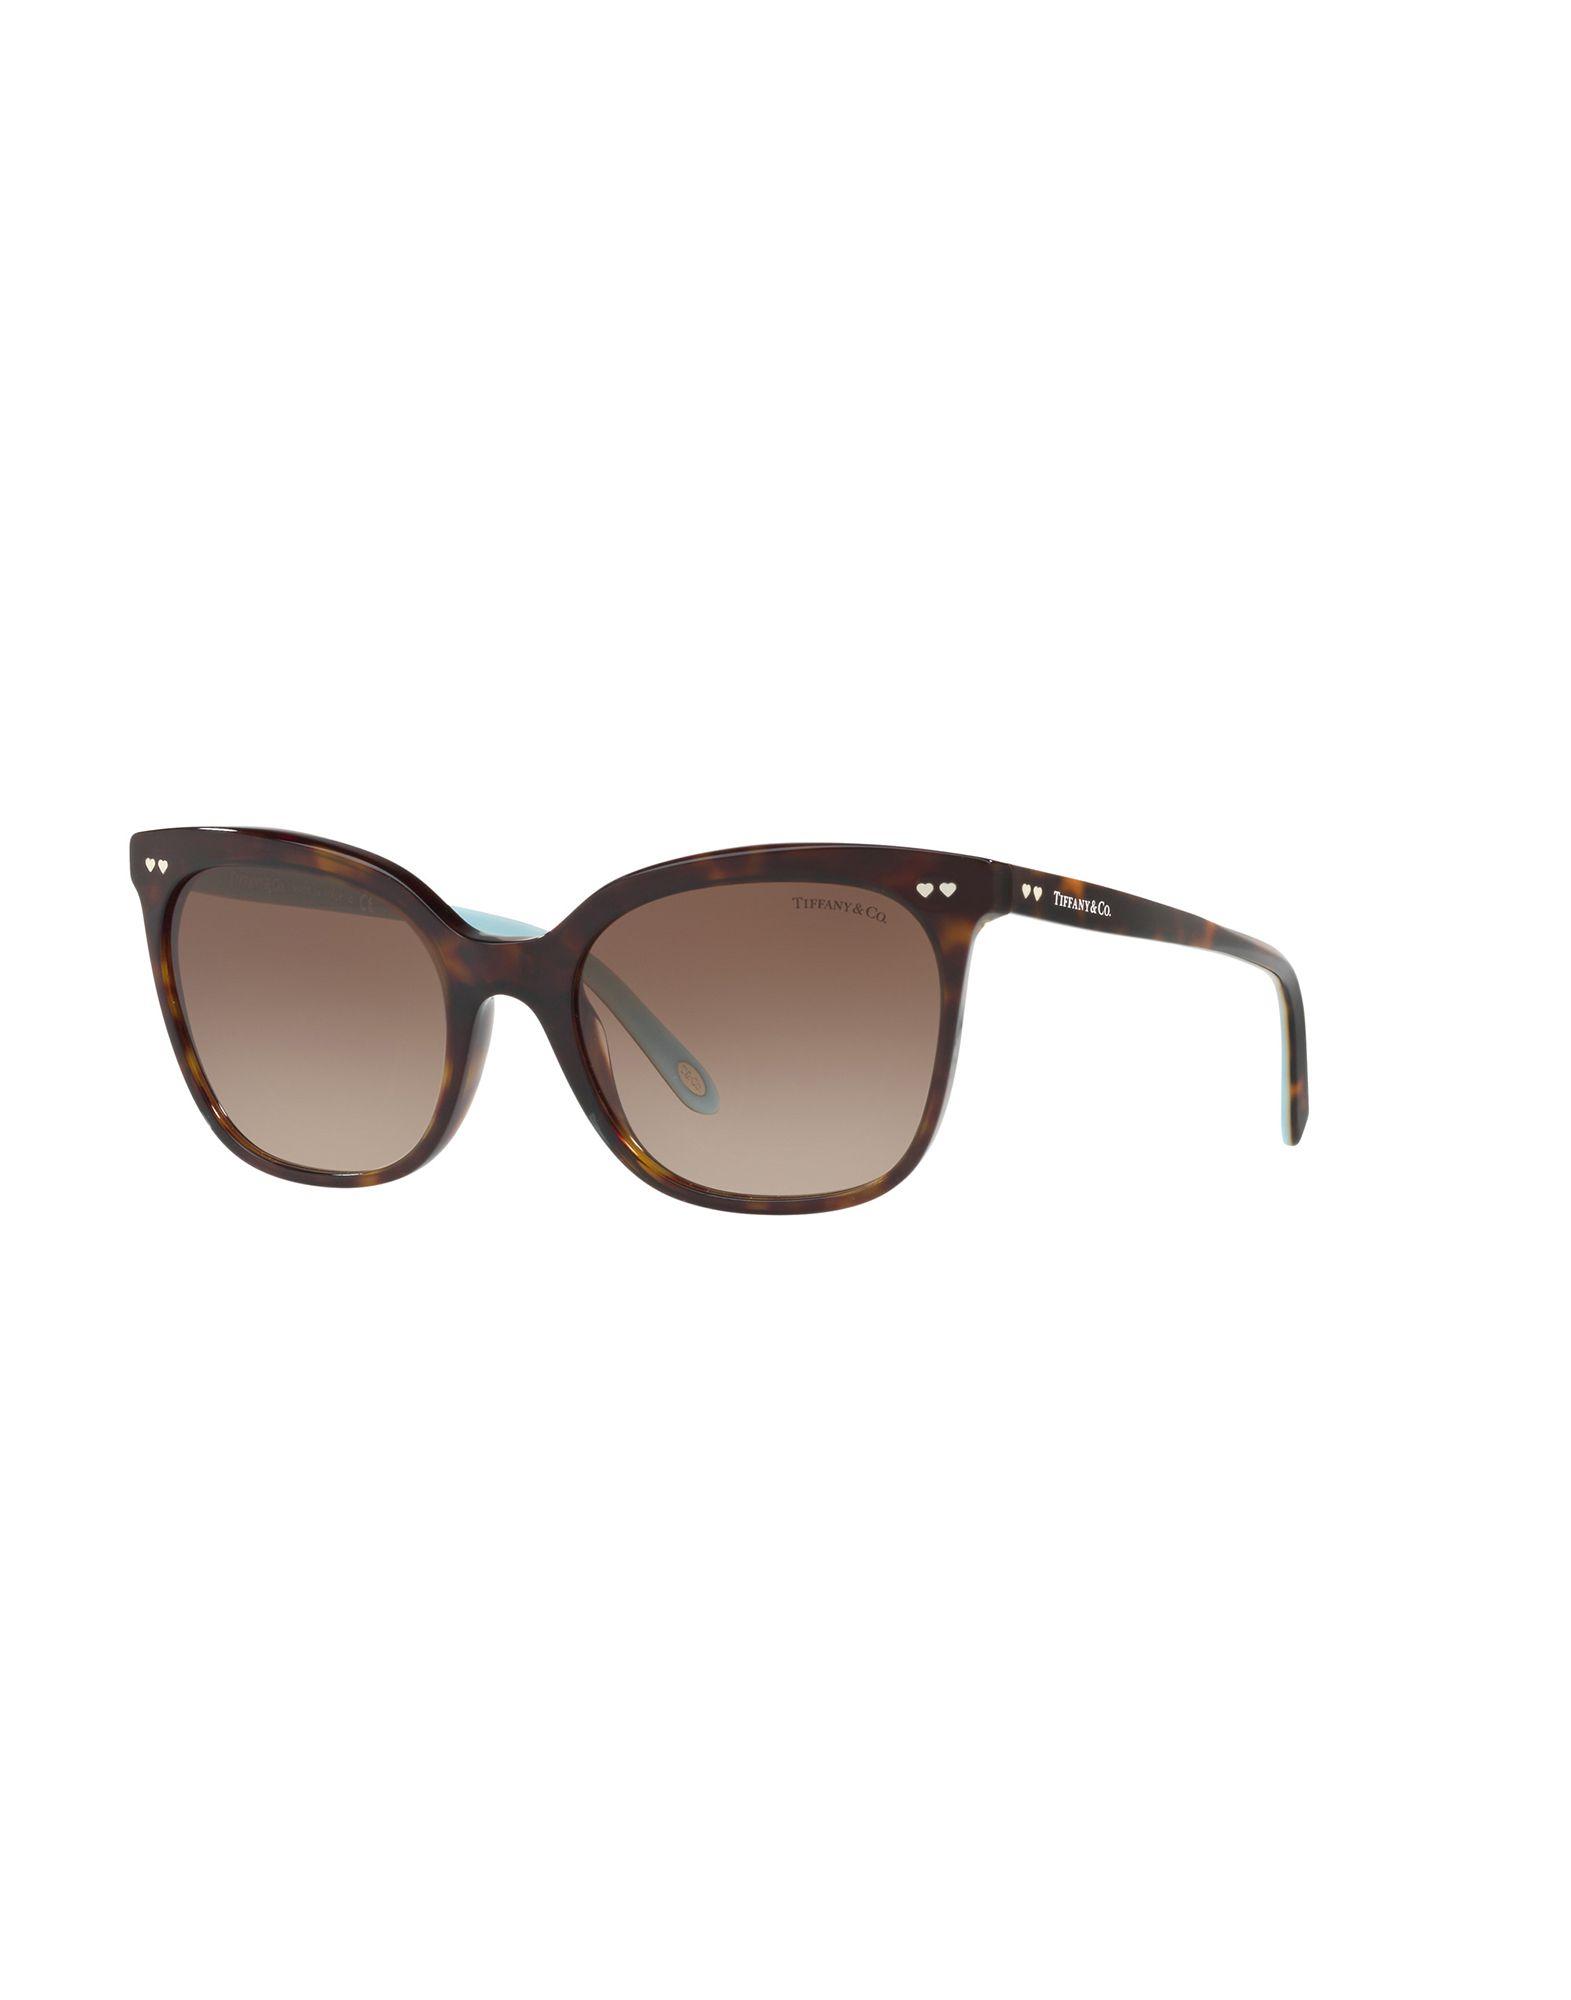 Gafas De Sol Tiffany & Co. Tf4140 - Mujer - Gafas De Sol Tiffany ...